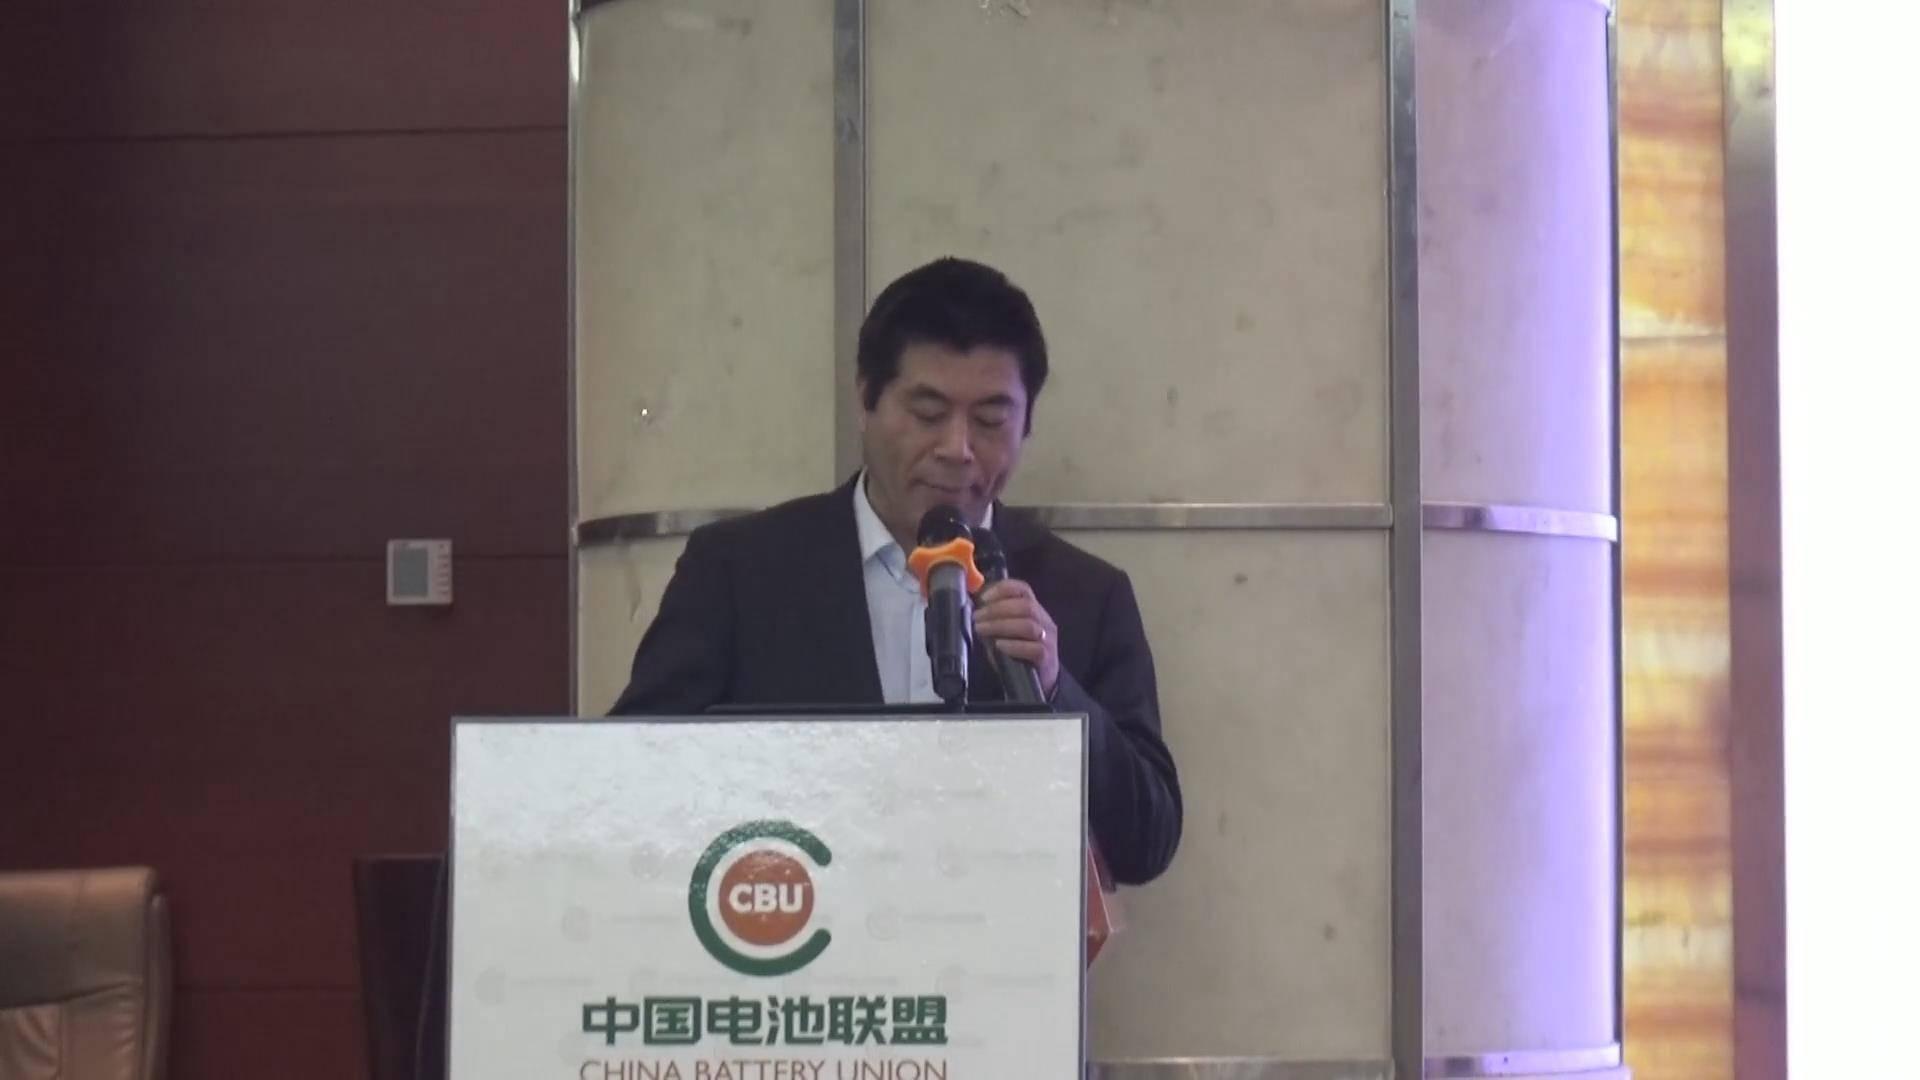 马凡华:以CNG/HCNG为燃料的内燃机的研究与开发